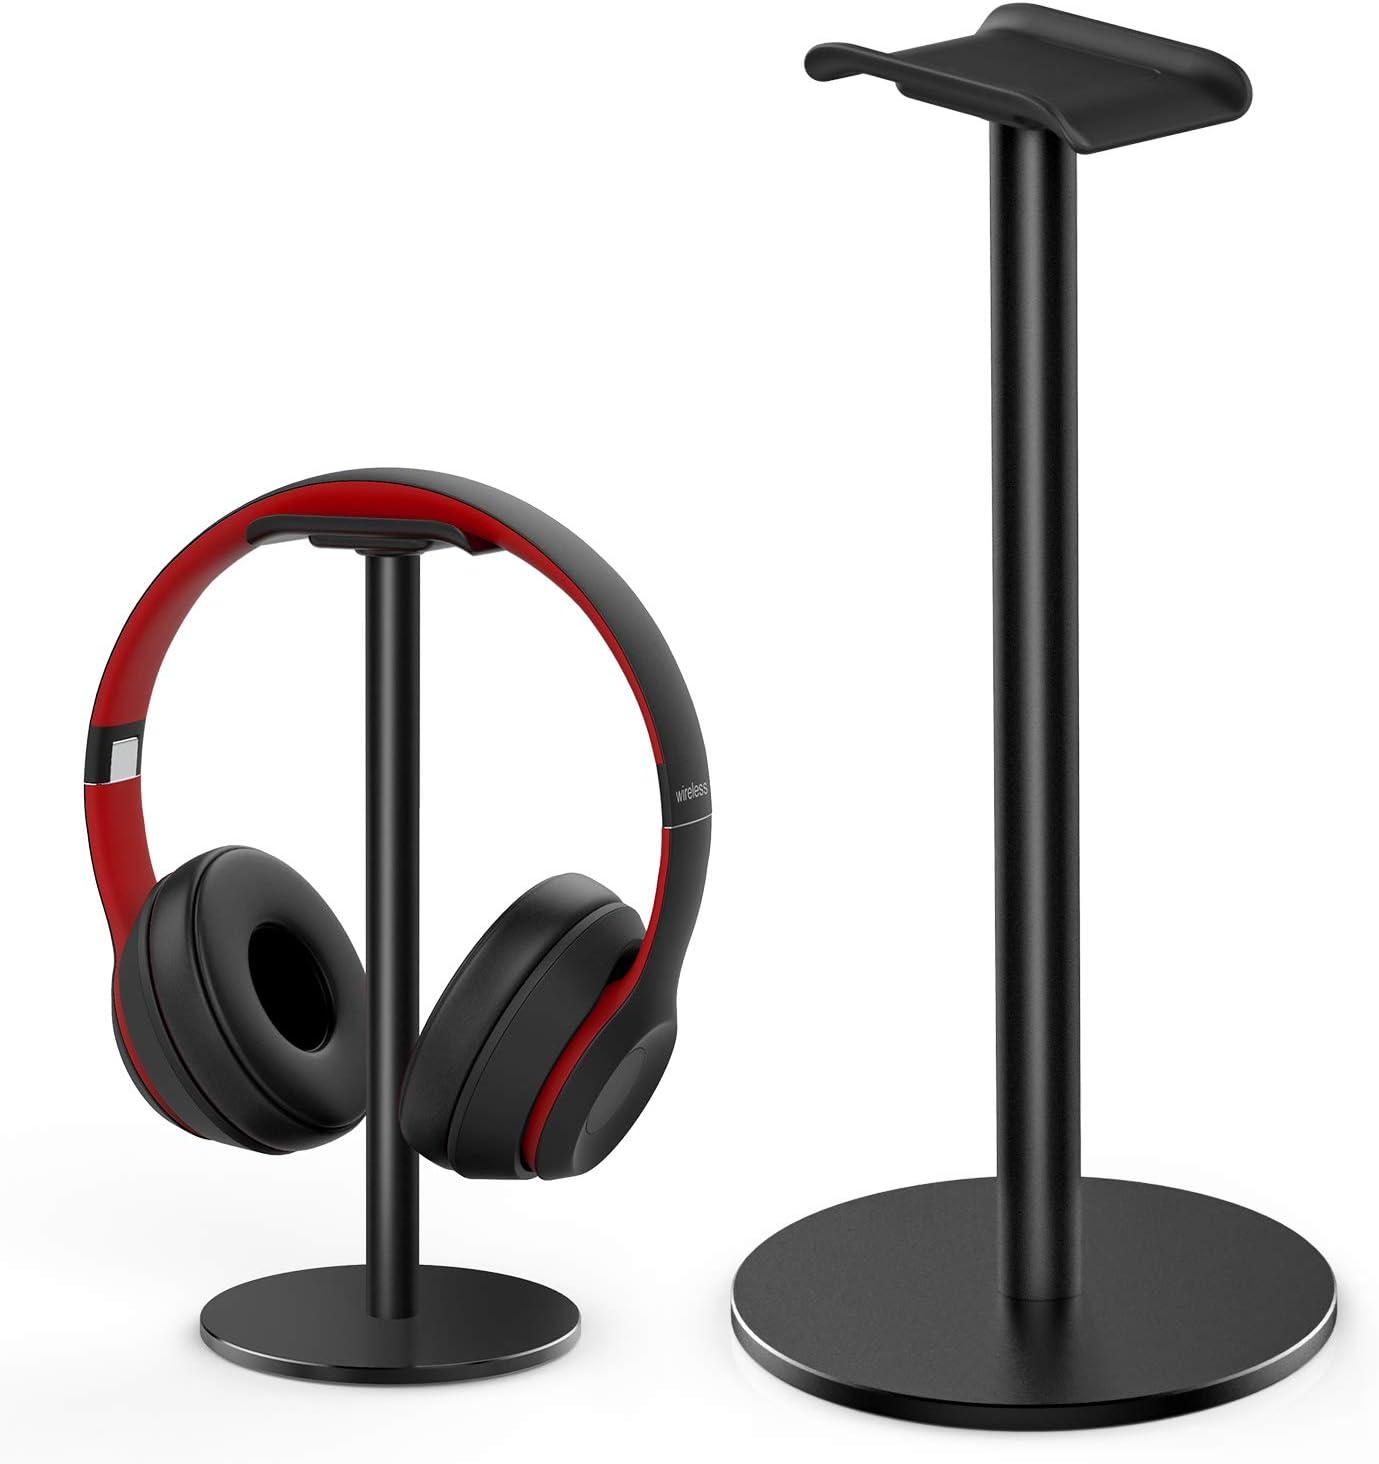 RIYO Headphone Stand Holder, Universal Aluminum Alloy Gaming Headphone Holder Desk Display Hanger for All Headphone Sizes(Black)